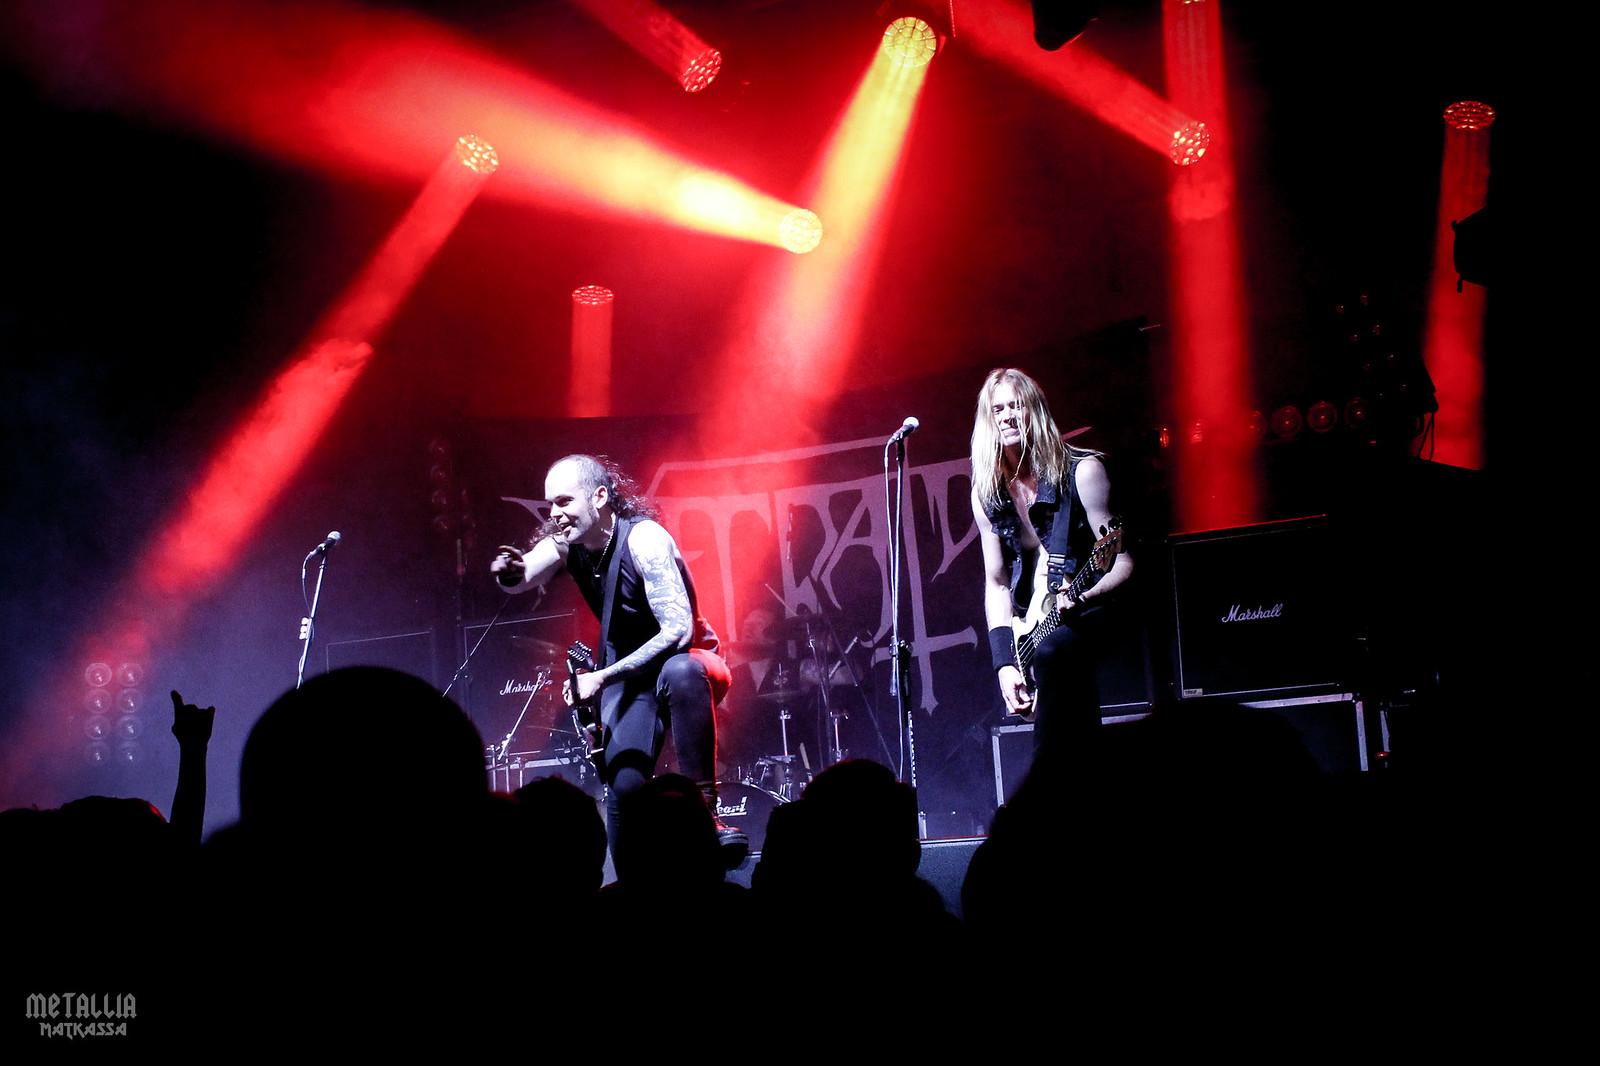 desecrator, thrash metal band, A2 wroclaw, A2 centrum koncertowe